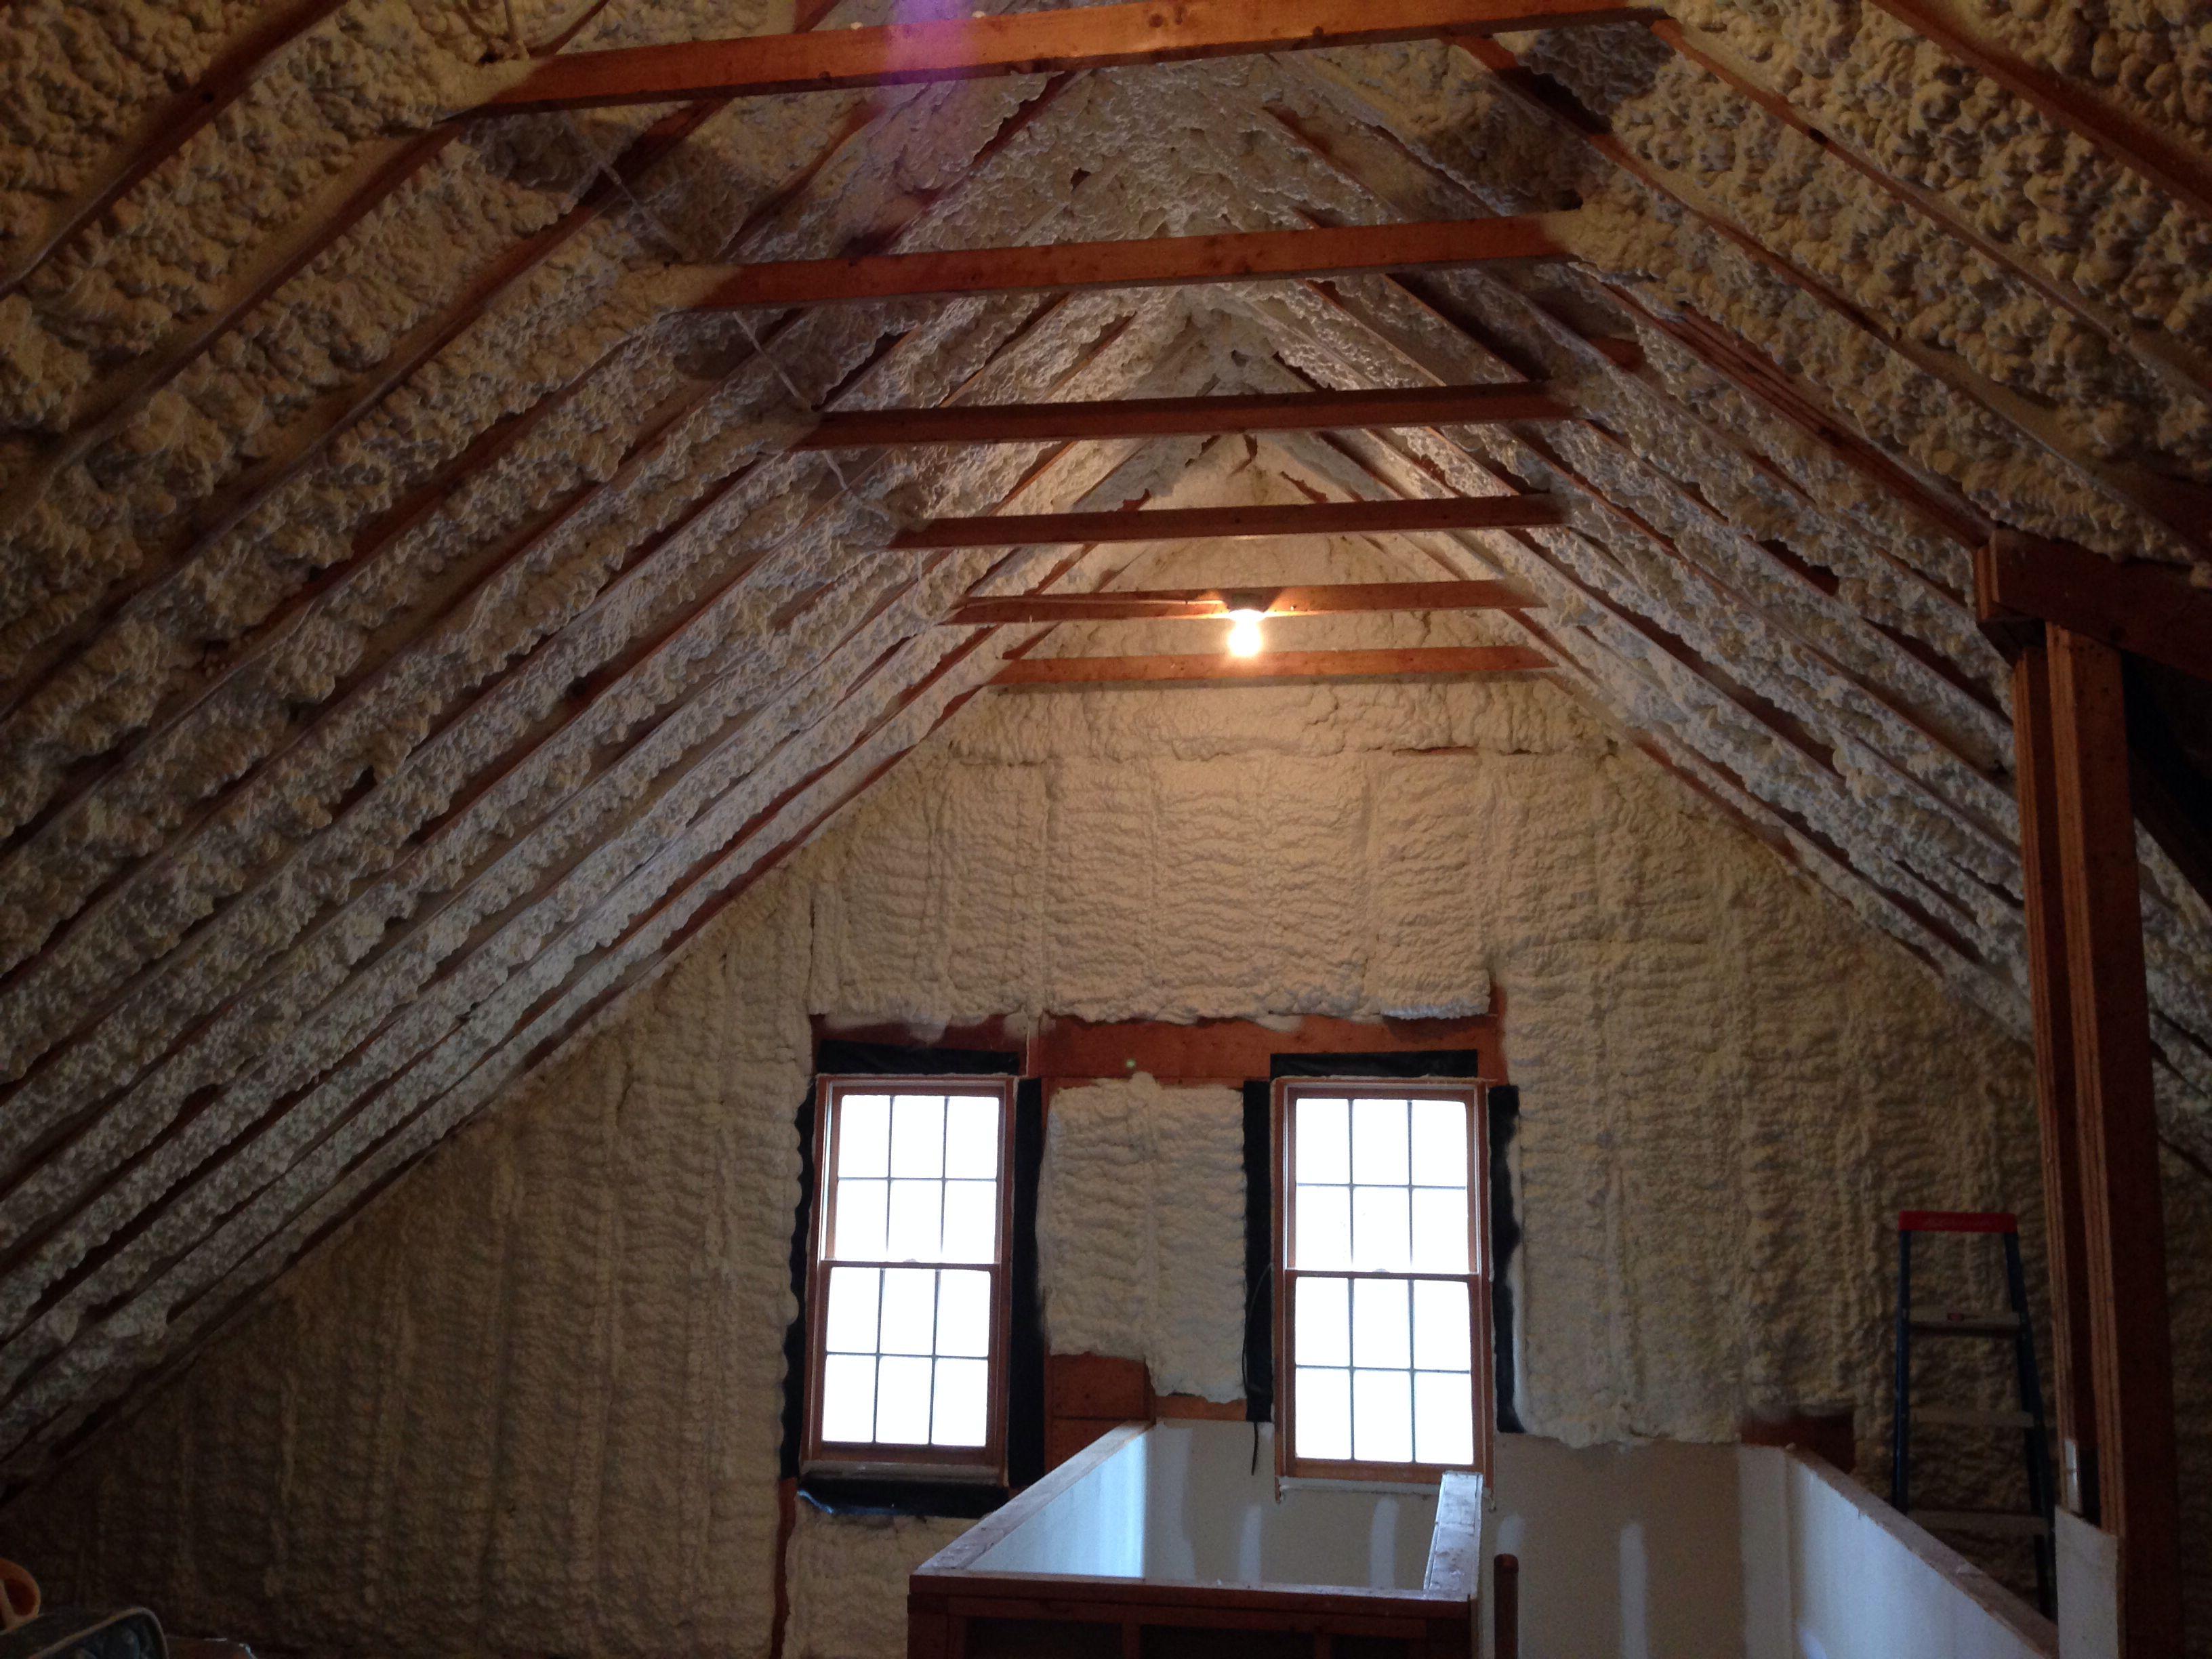 Spray Foam Insulation In Walk Up Attic Completed By Mpi Foam Www Mpifoam Con Attic Renovation Attic Flooring Attic Design